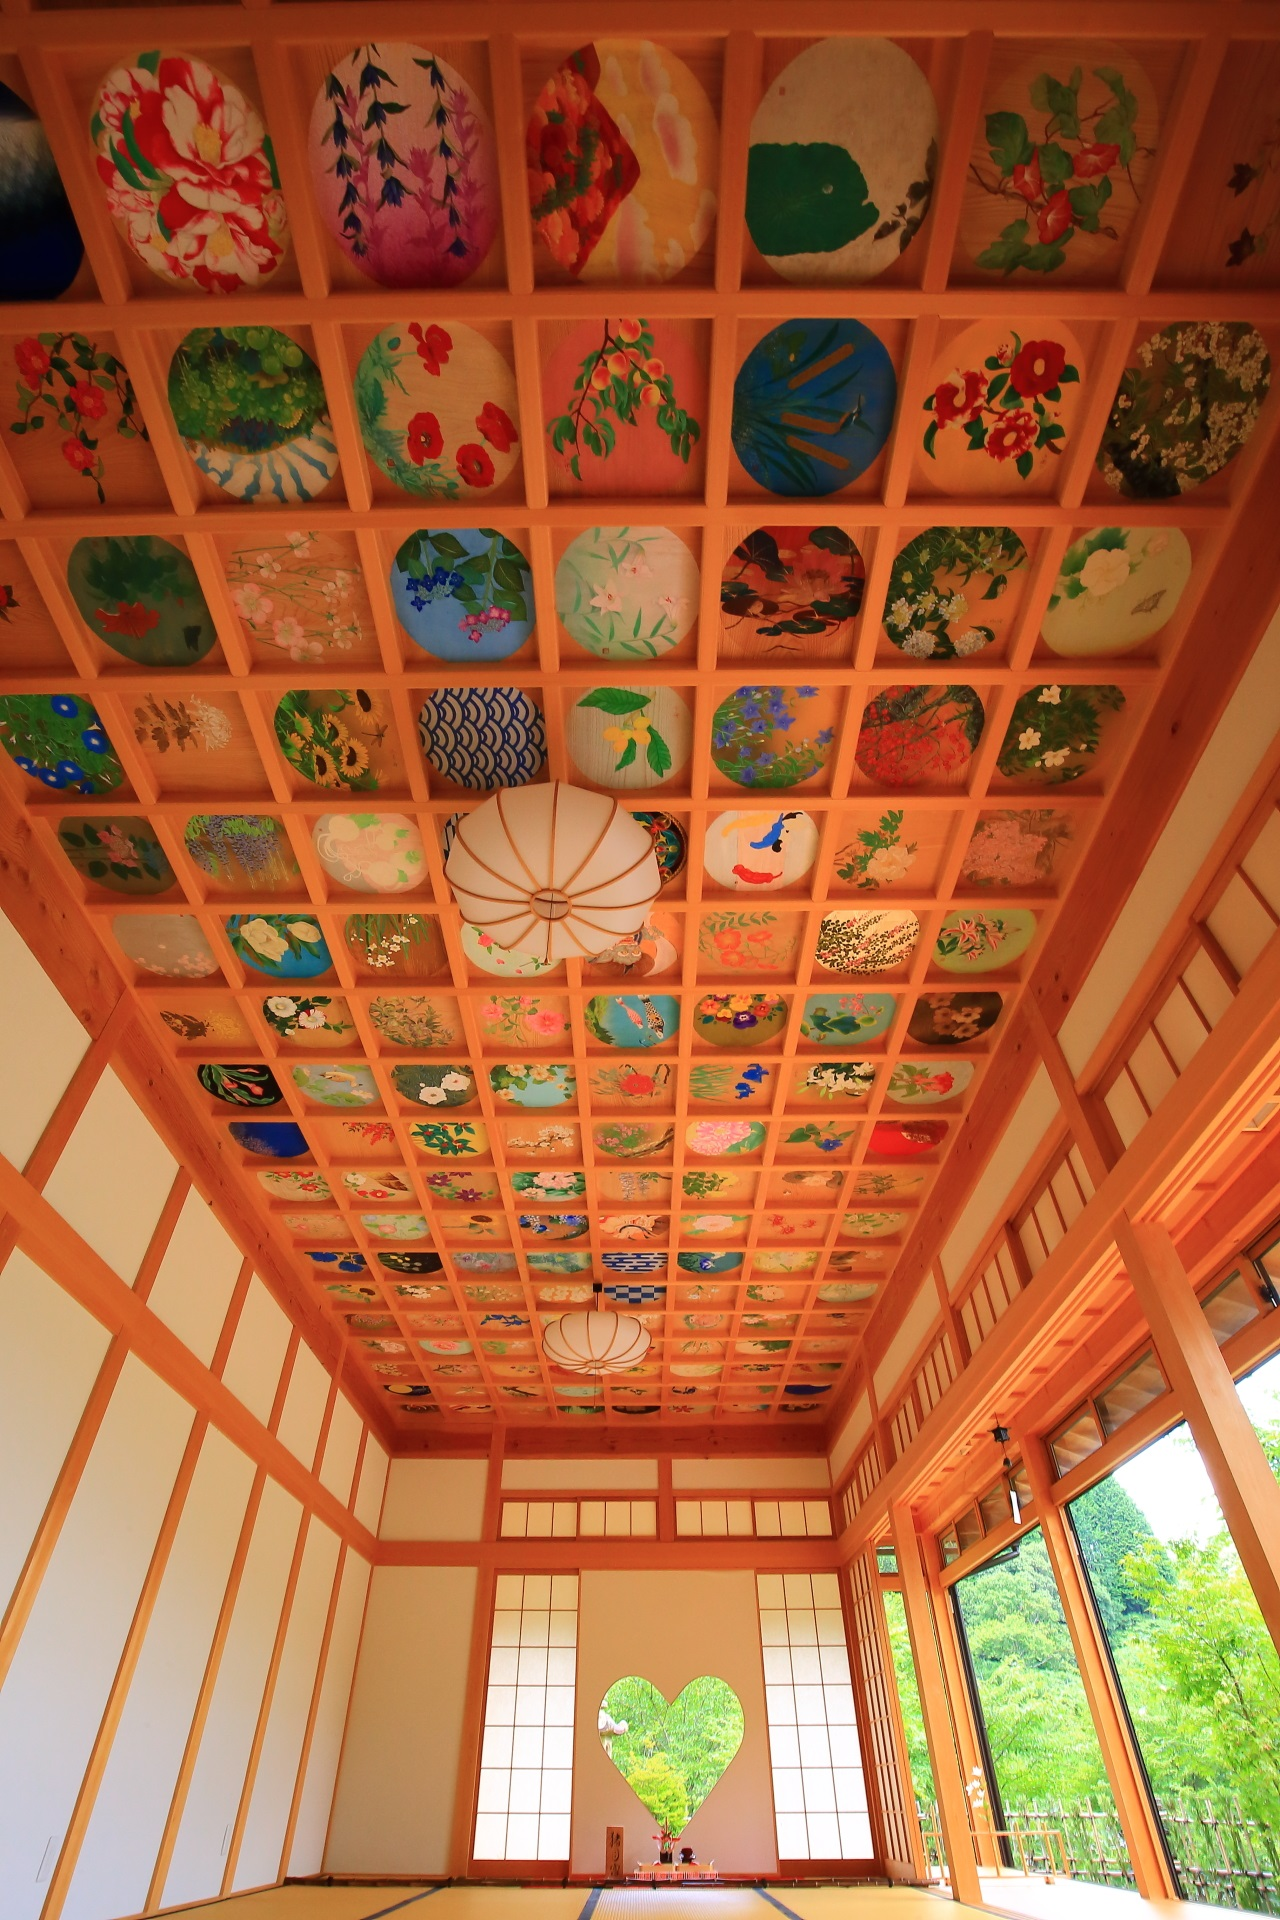 正寿院の素晴らしいハートの猪目窓と華やかな天井画